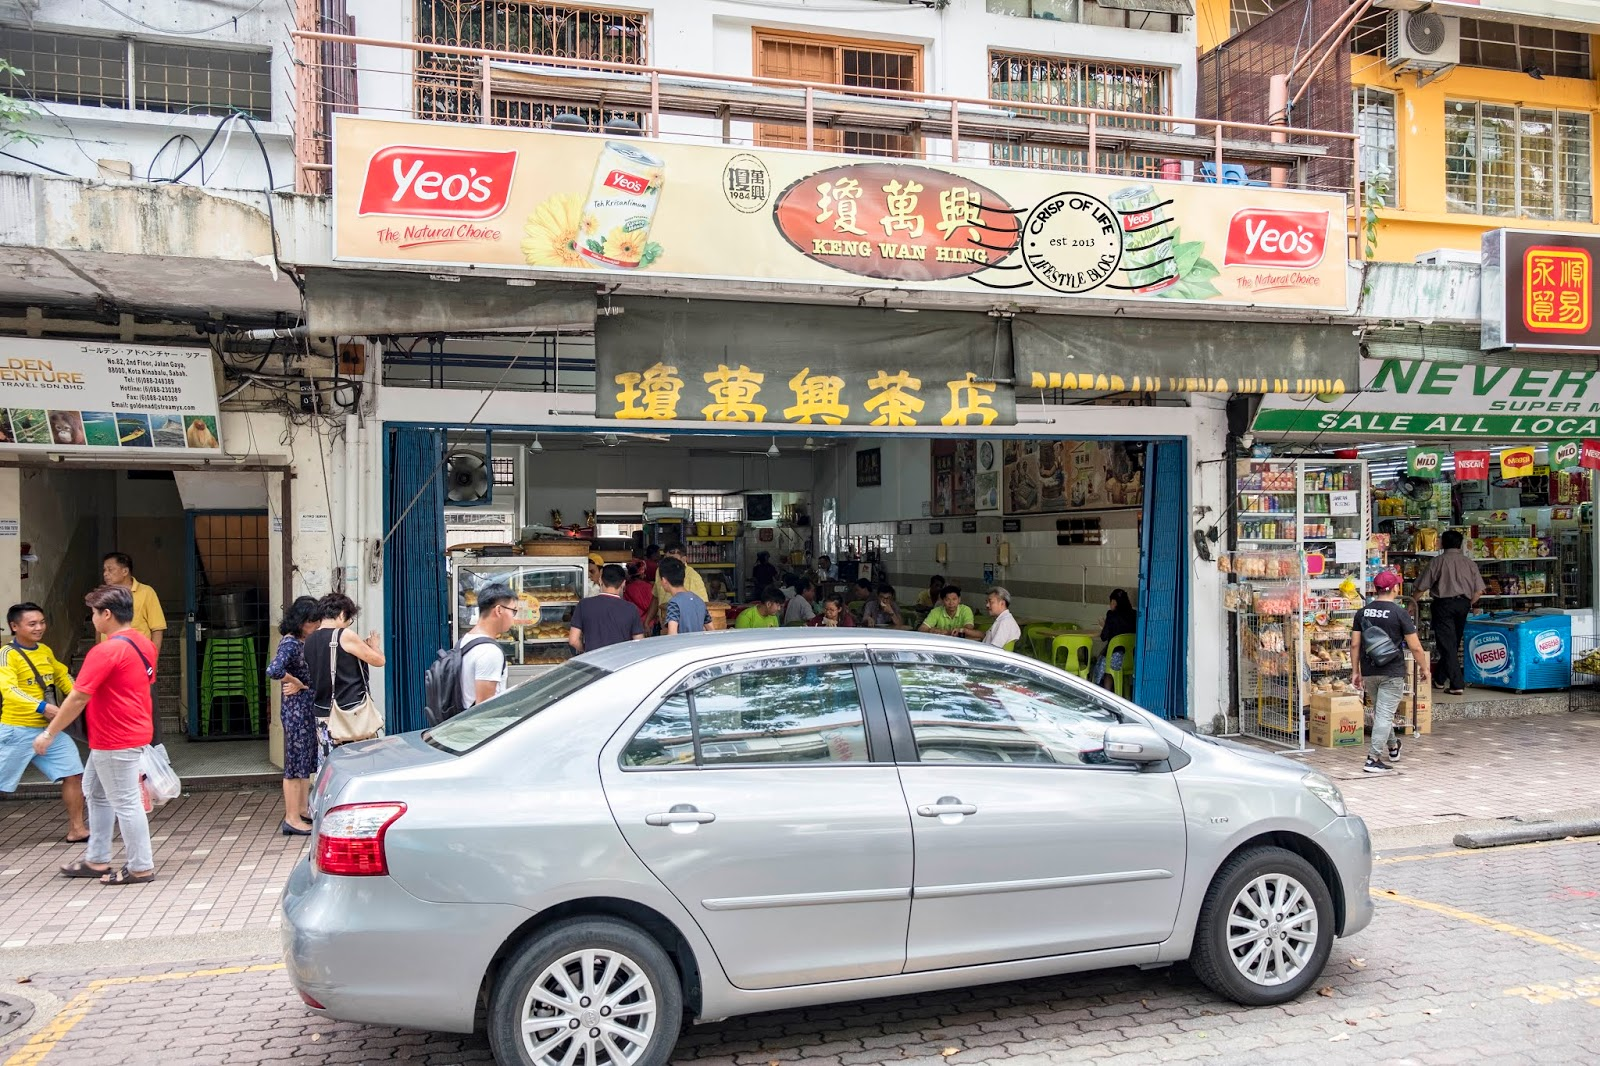 Polo Bun @ 瓊萬興茶室 Kheng Wan Heng Coffee Shop, Kota Kinabalu, Sabah